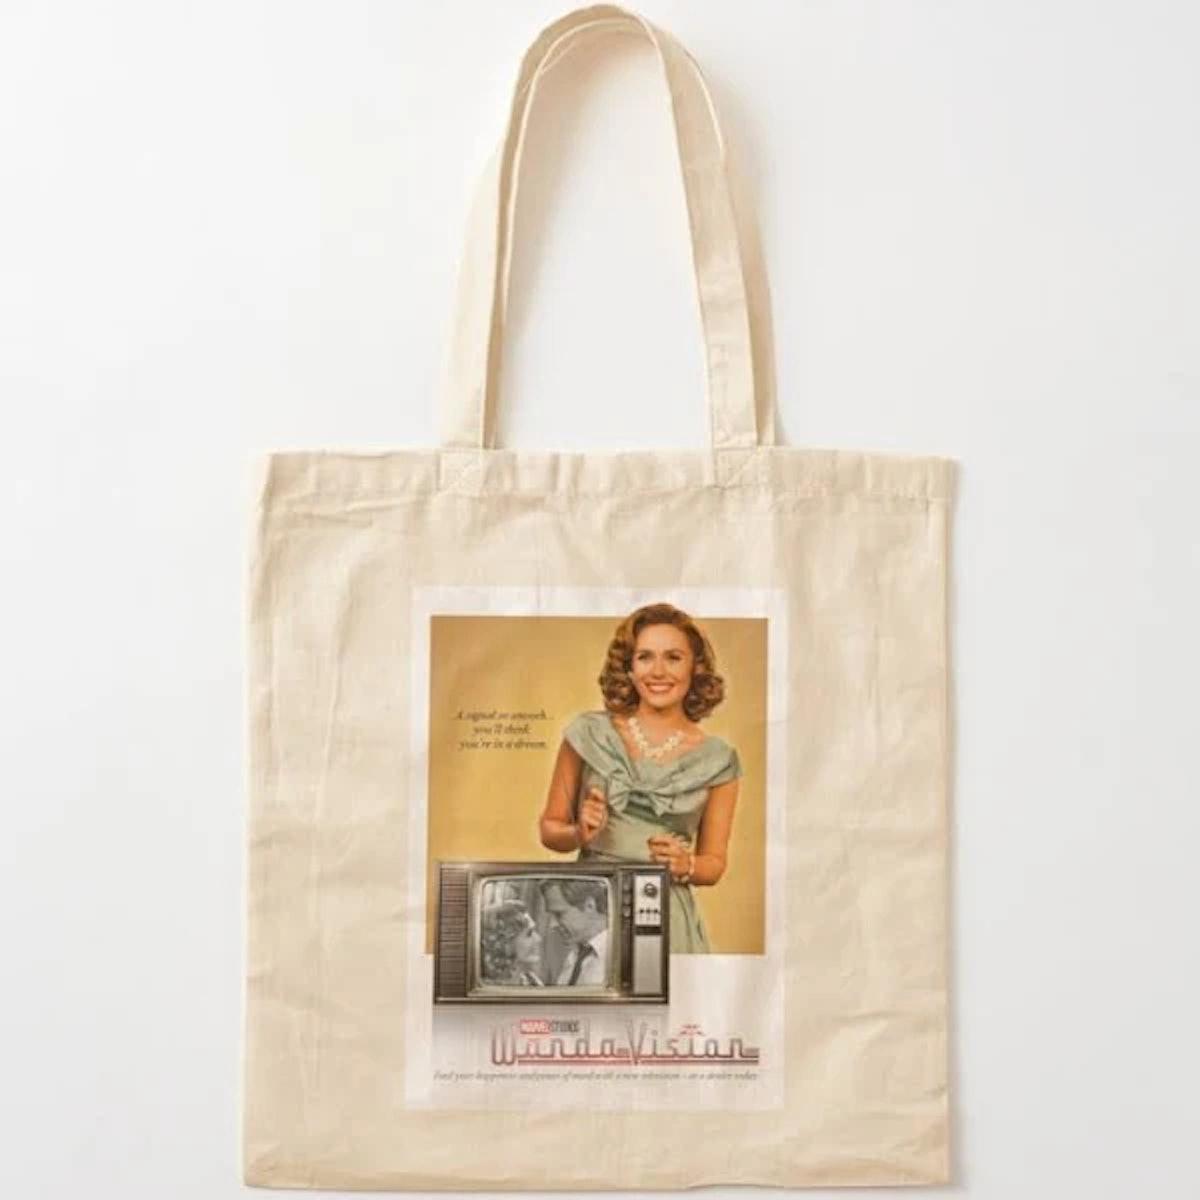 Thebcarts WandaVision Wanda Tote Bag